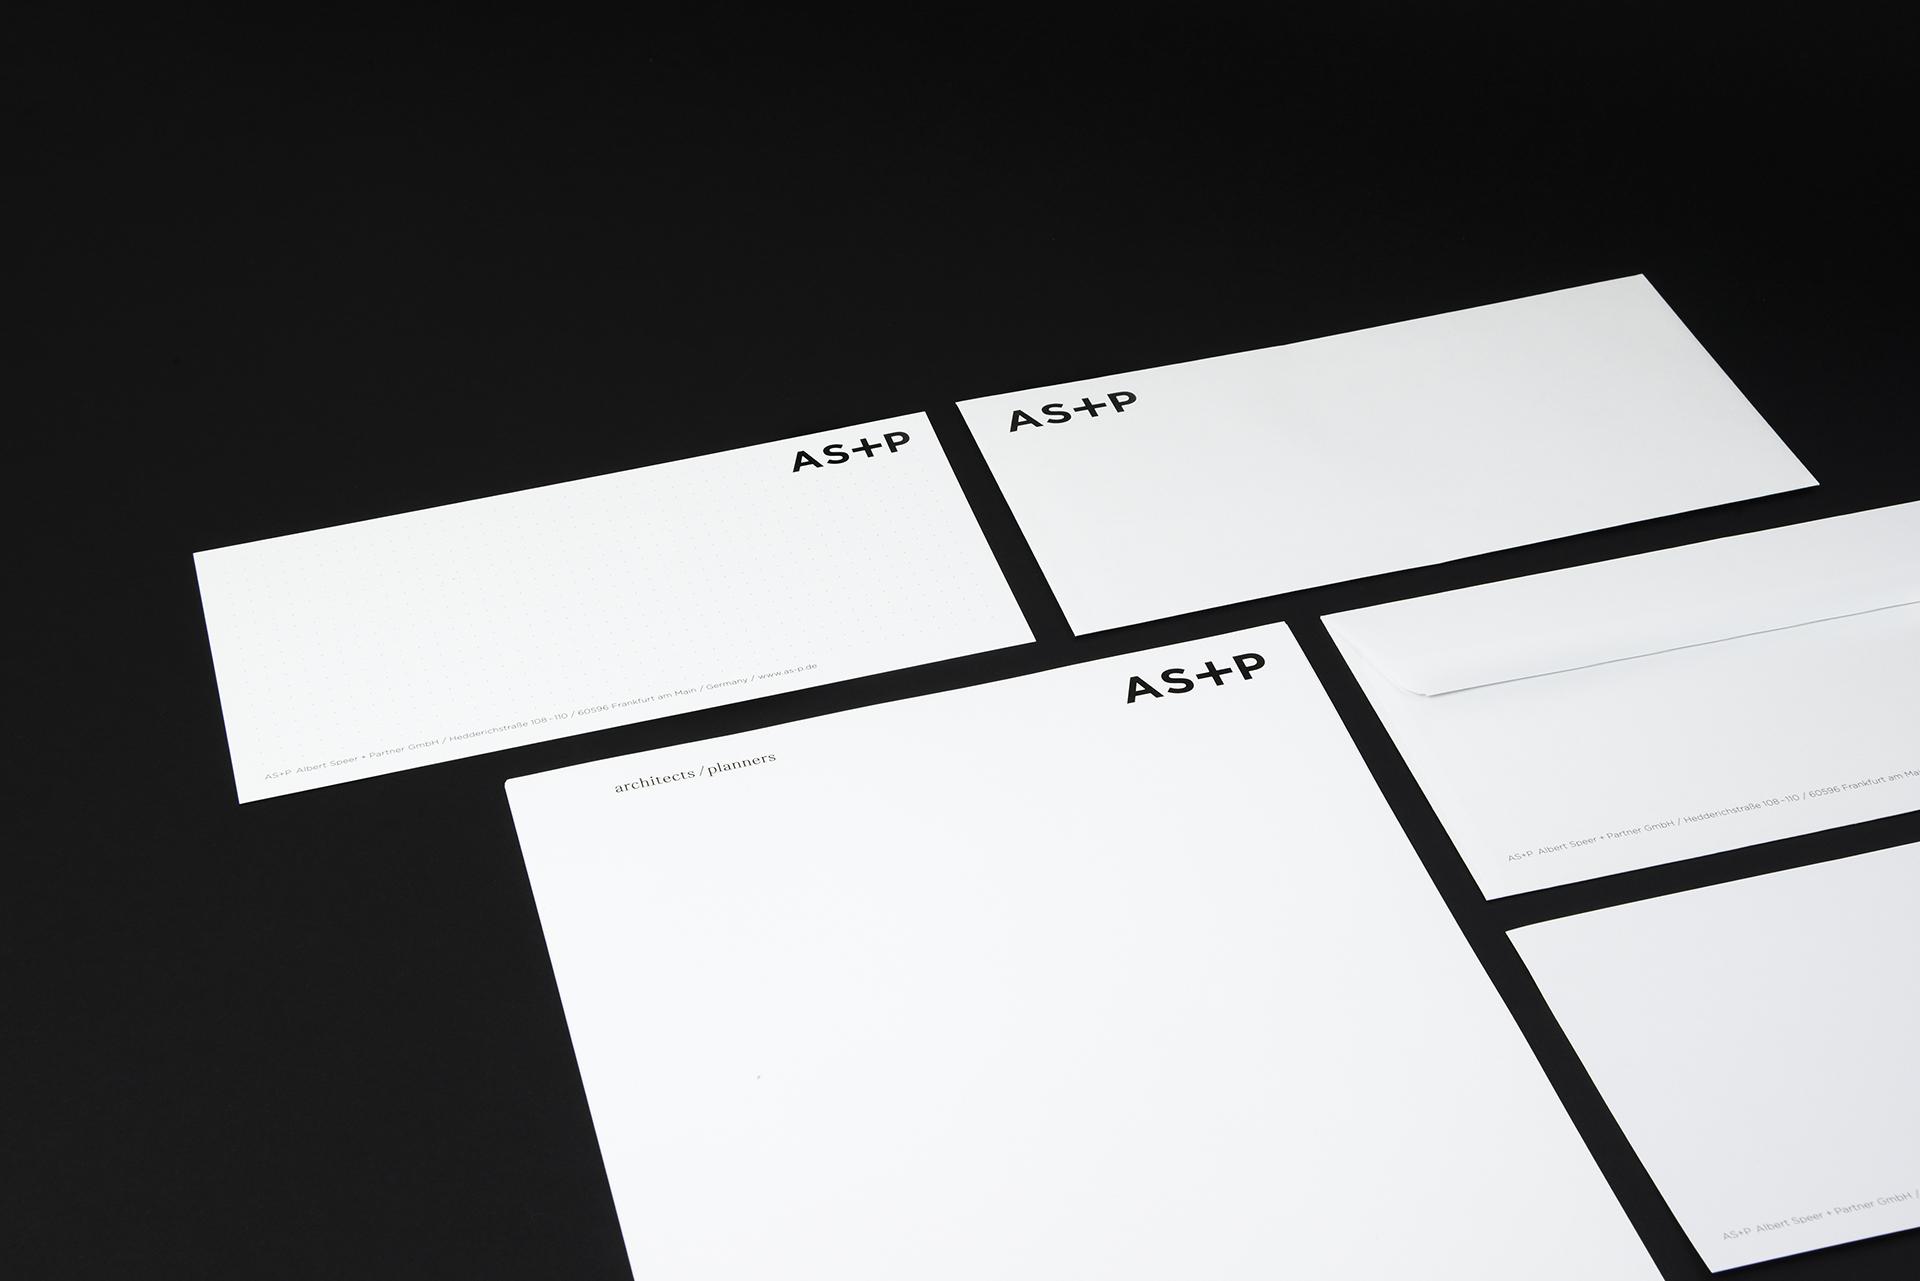 quandel-staudt-design-asp_geschaeftsausstattung_02